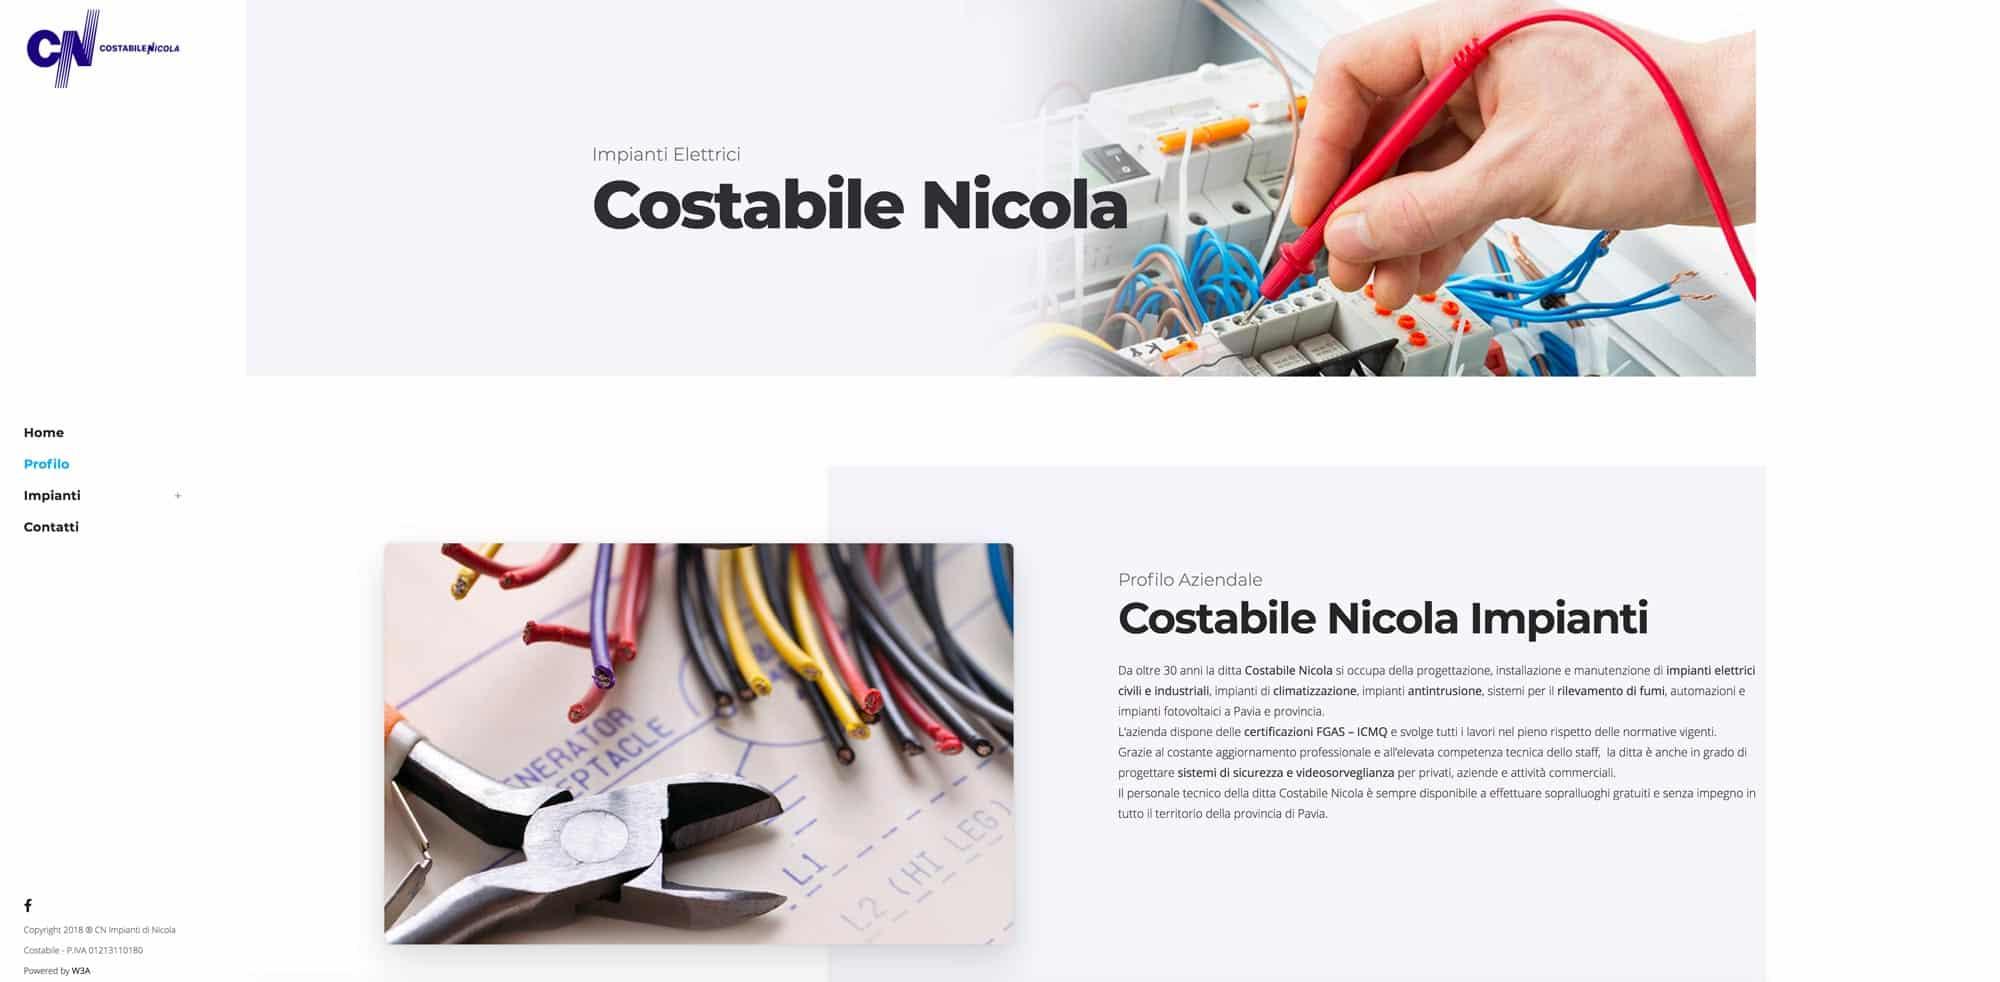 Costabile Nicola